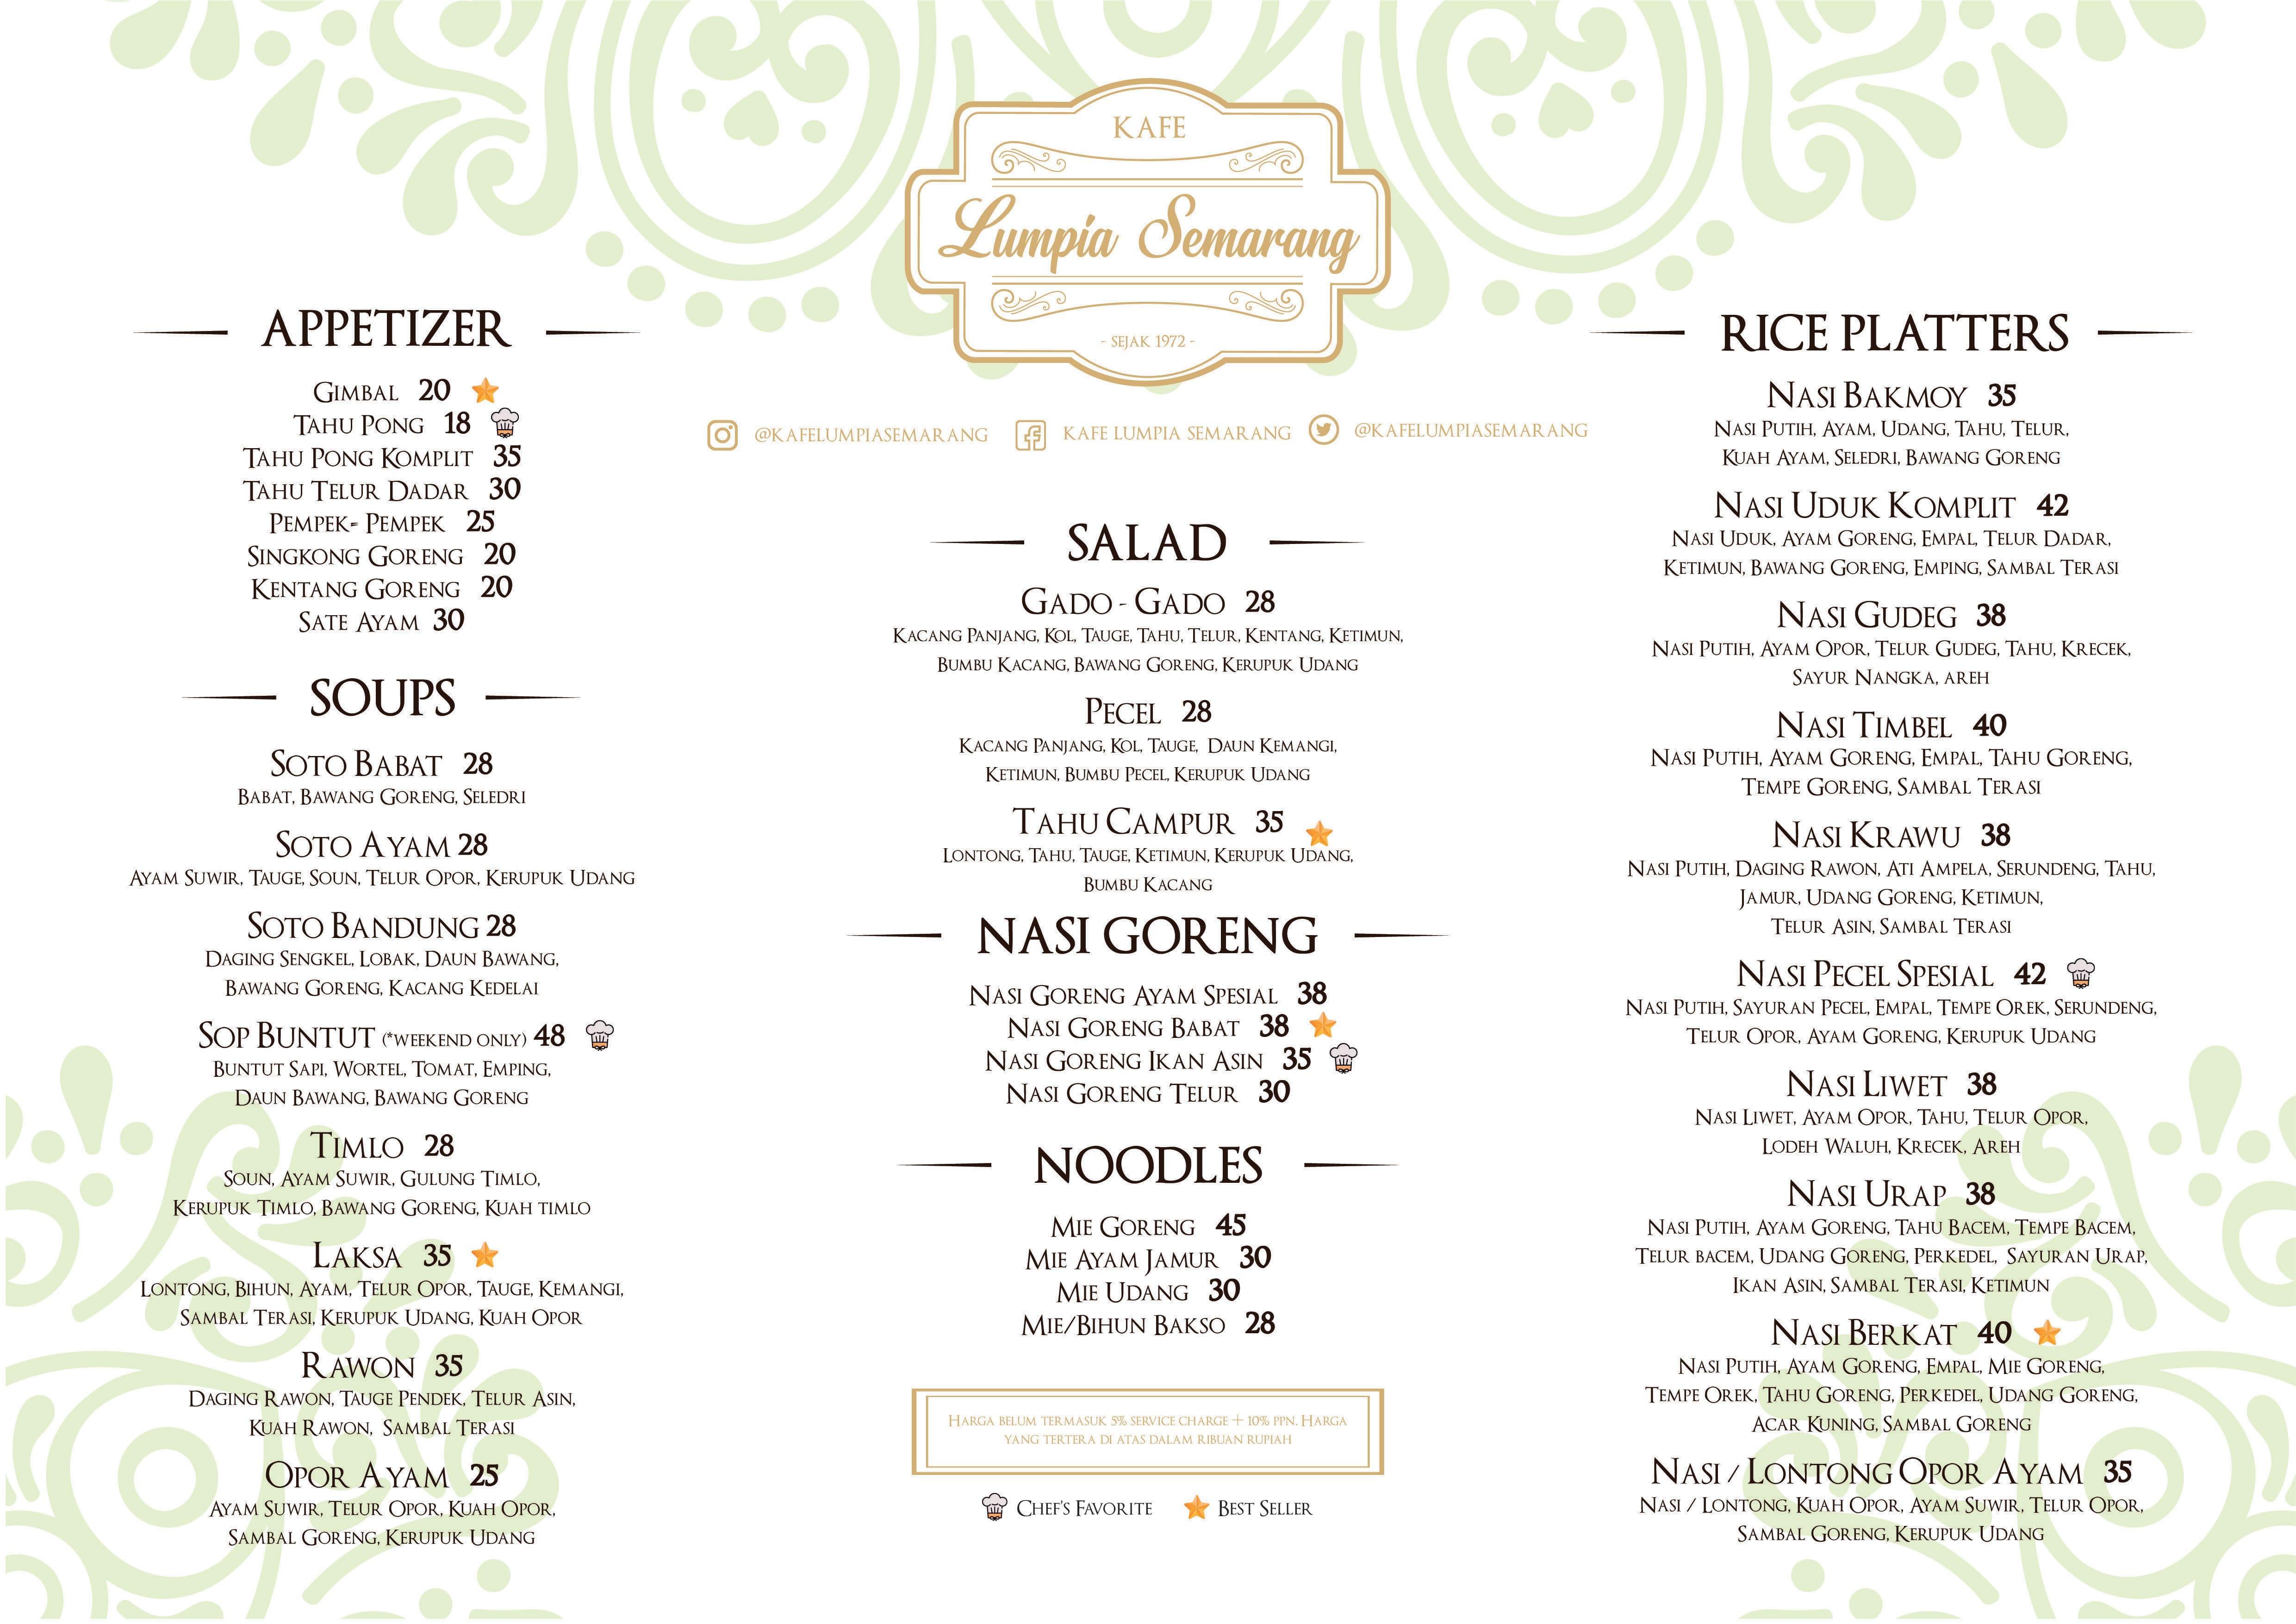 Kafe lumpia semarang menu